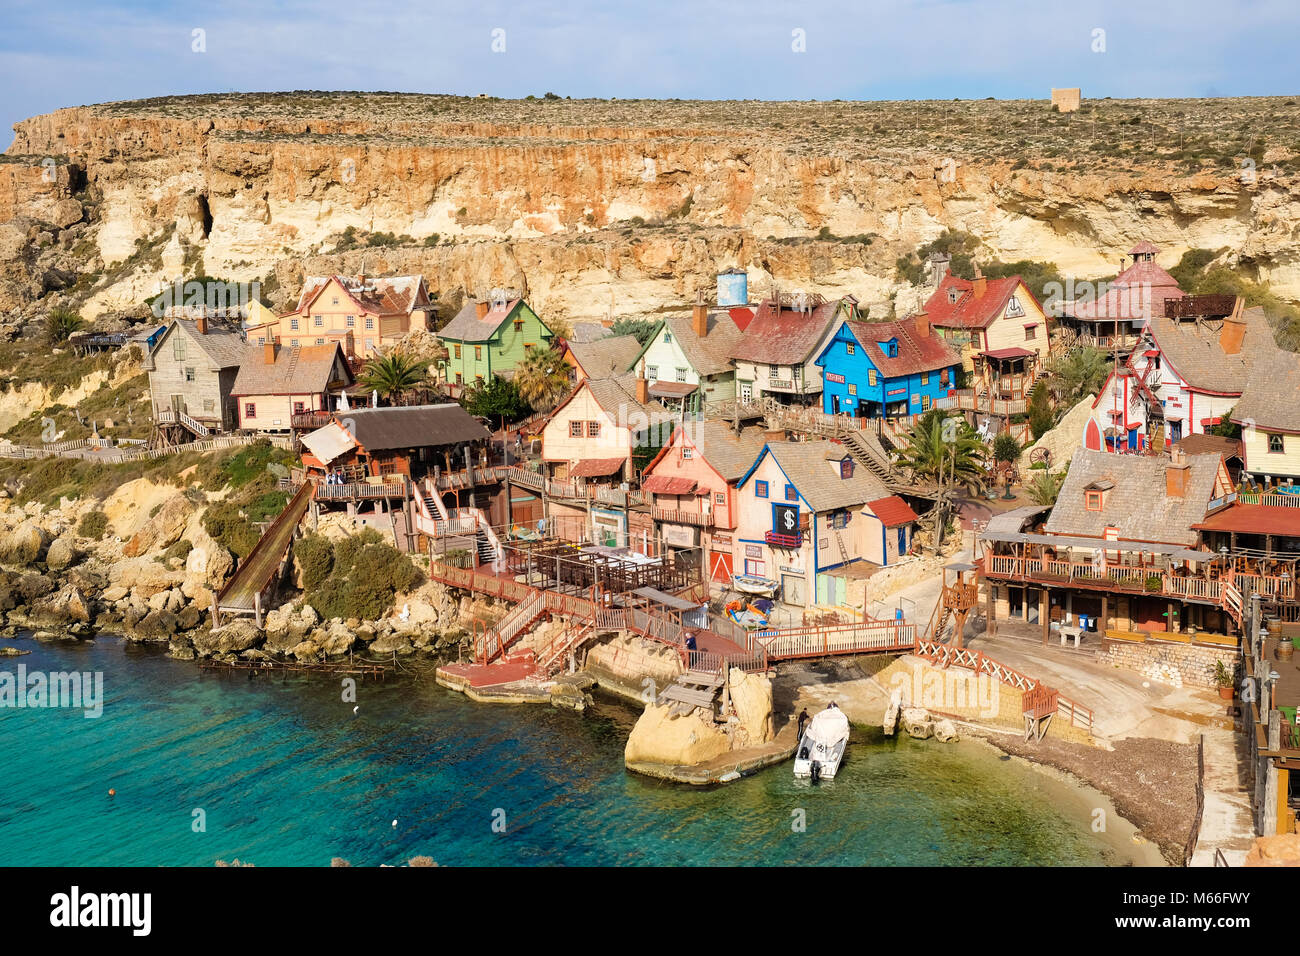 Poppeye village, Malta. La famosa película y atracción turística en la isla. Foto de stock